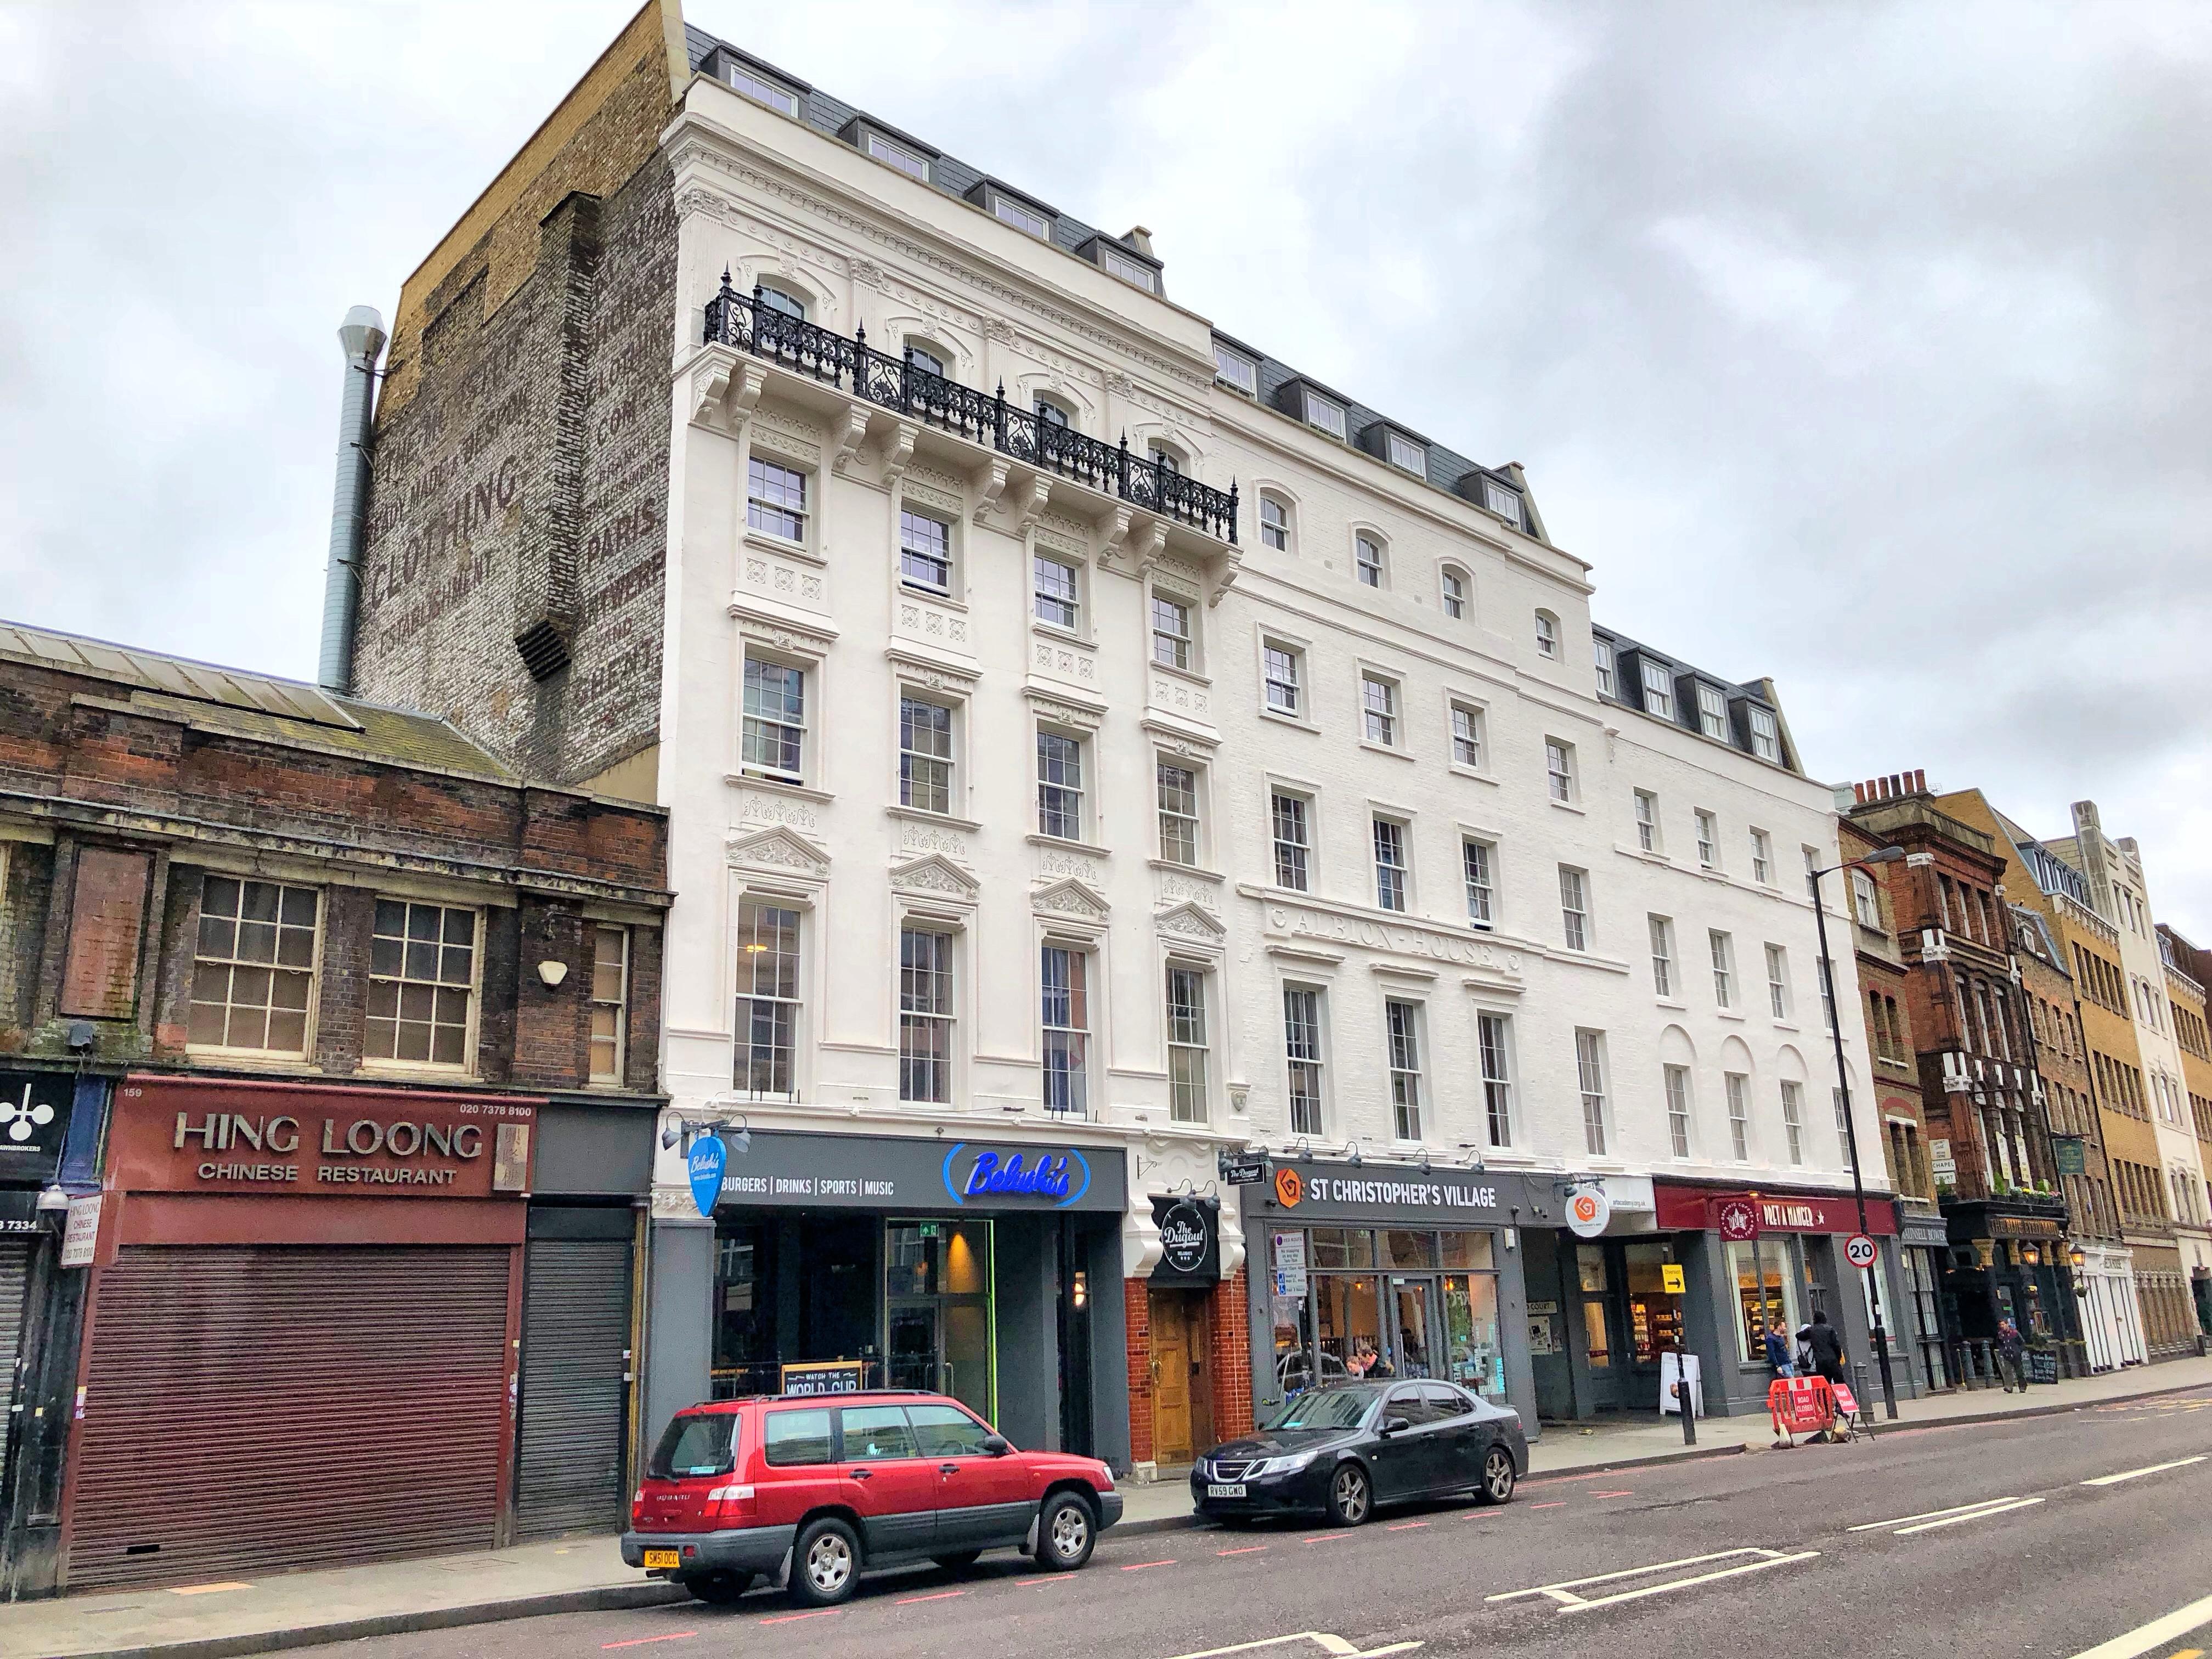 St Christopher's inn London Bridge, capsule hostel1